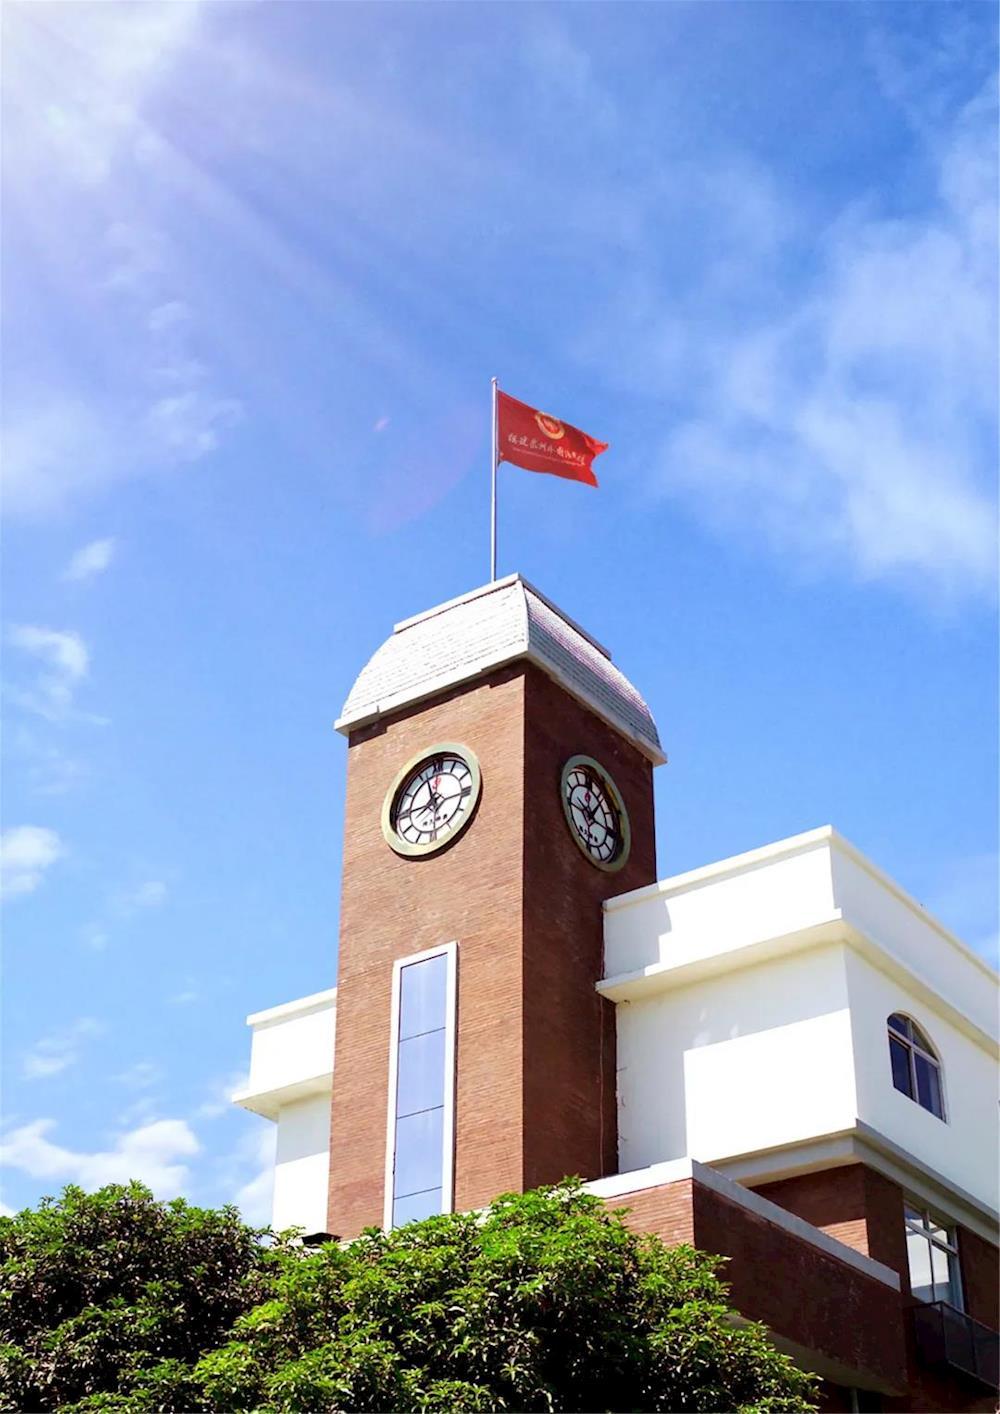 泉州高考复读学校哪个好?泉州外国语学校青云复读班2021届开始招生啦!